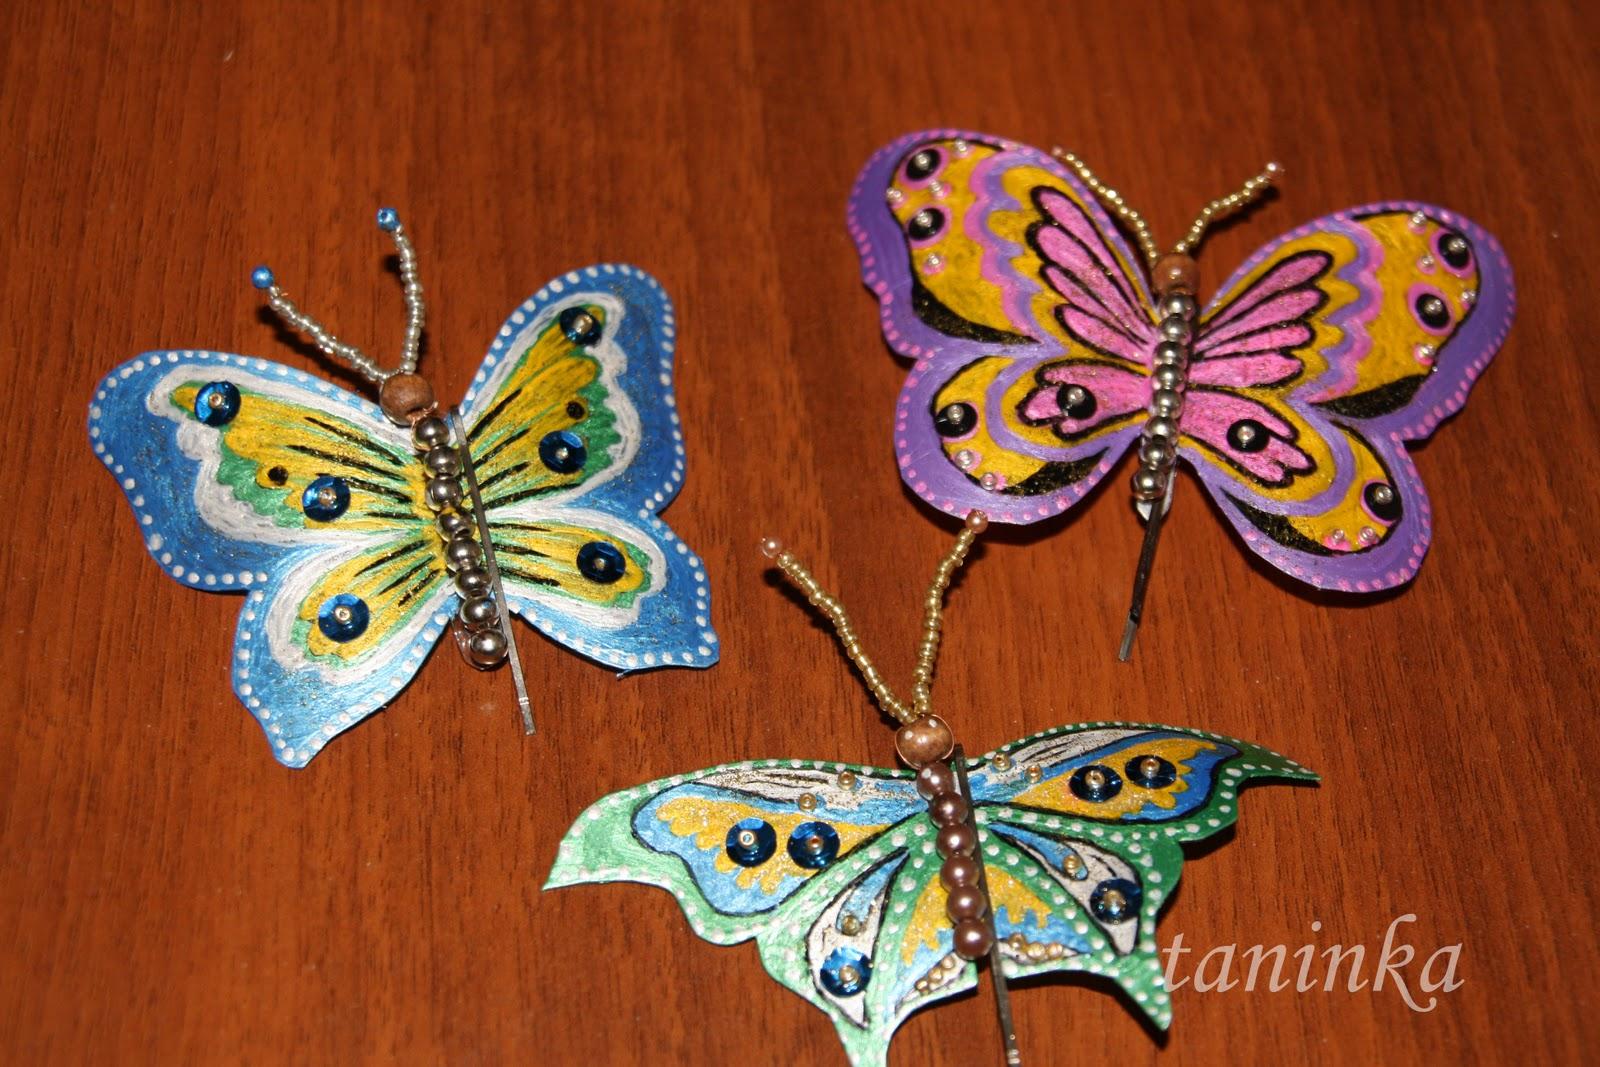 Как сделать бабочек своими руками из пластиковых бутылок своими руками фото 390